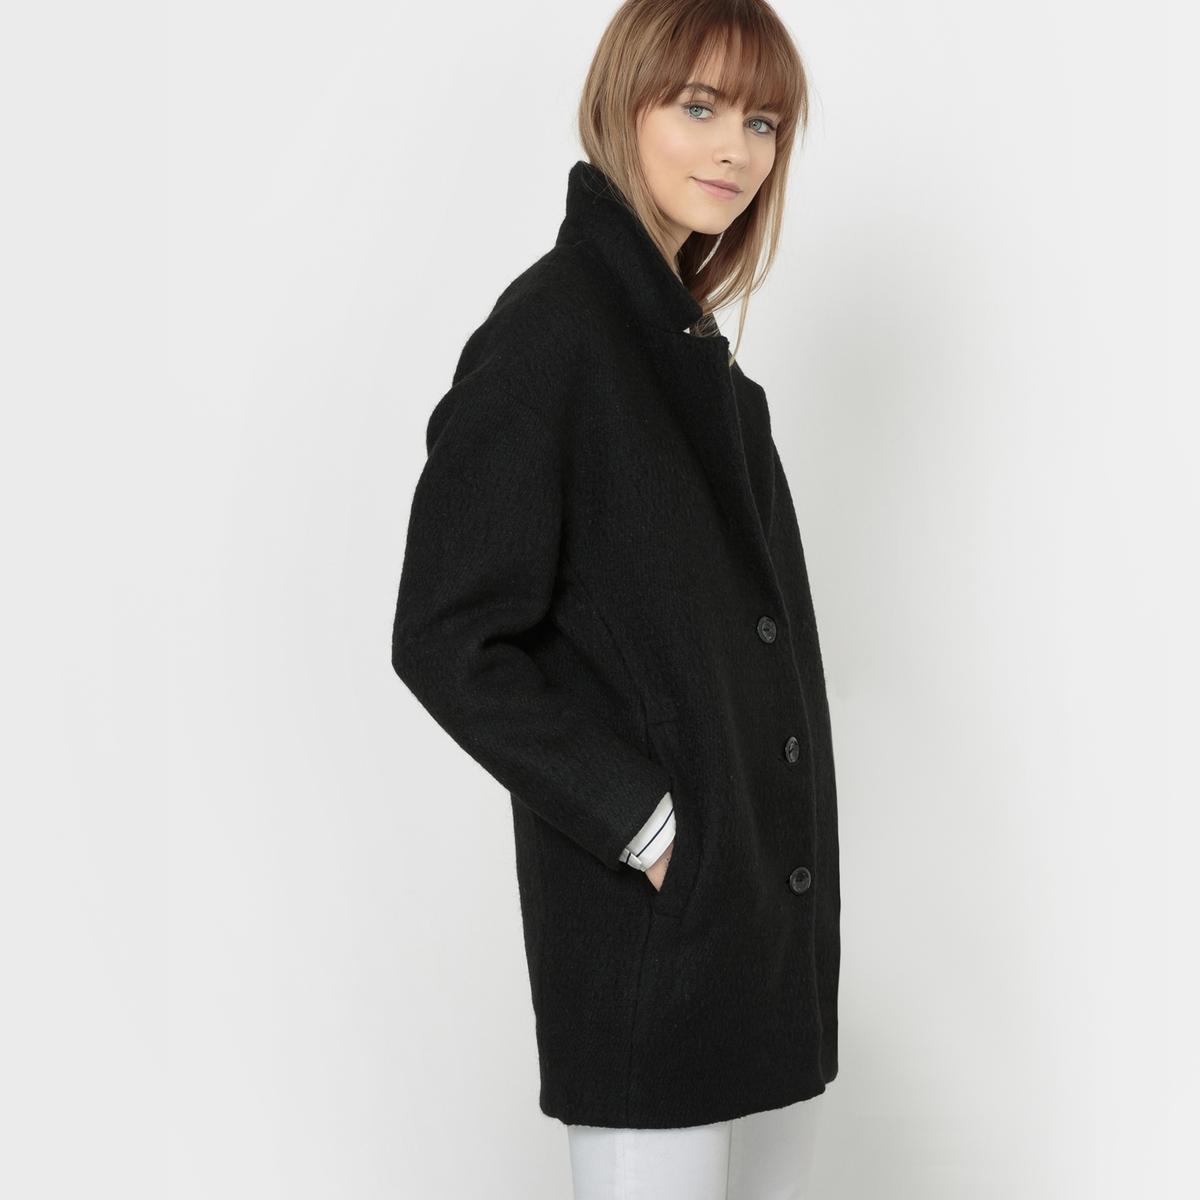 Пальто оверсайз MICKY CHECK WOOL MIXСостав и описание :Материал : 54% шерсти, 26% полиэстера, 7% хлопка, 7% акрила, 4% вискозы, 2% полиамидаМарка : FREEMAN T. PORTER<br><br>Цвет: черный